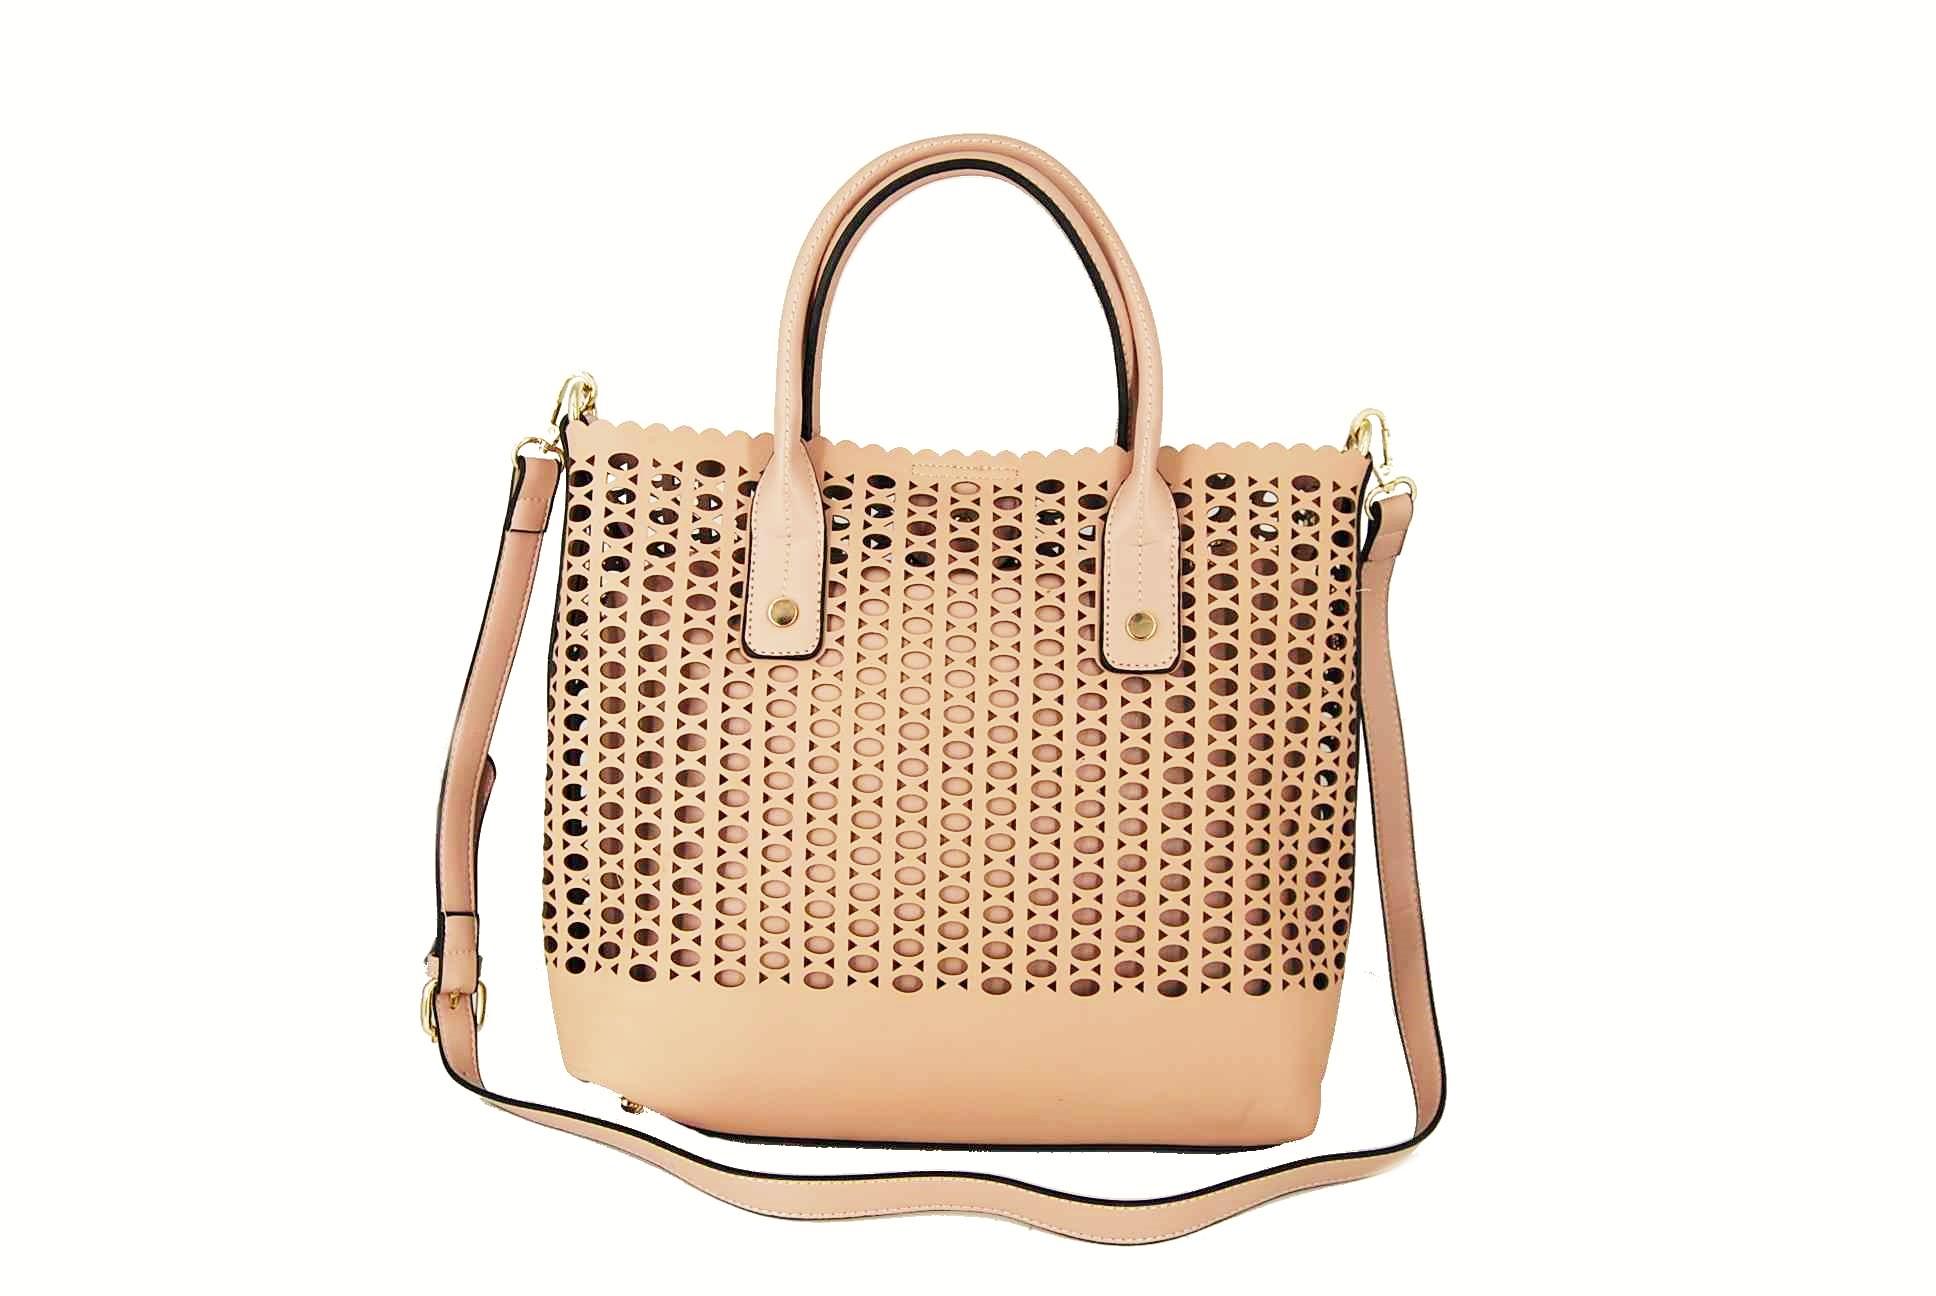 06250d37b1 Verde τσάντα γυναικεία χεριού και χιαστί ροζ